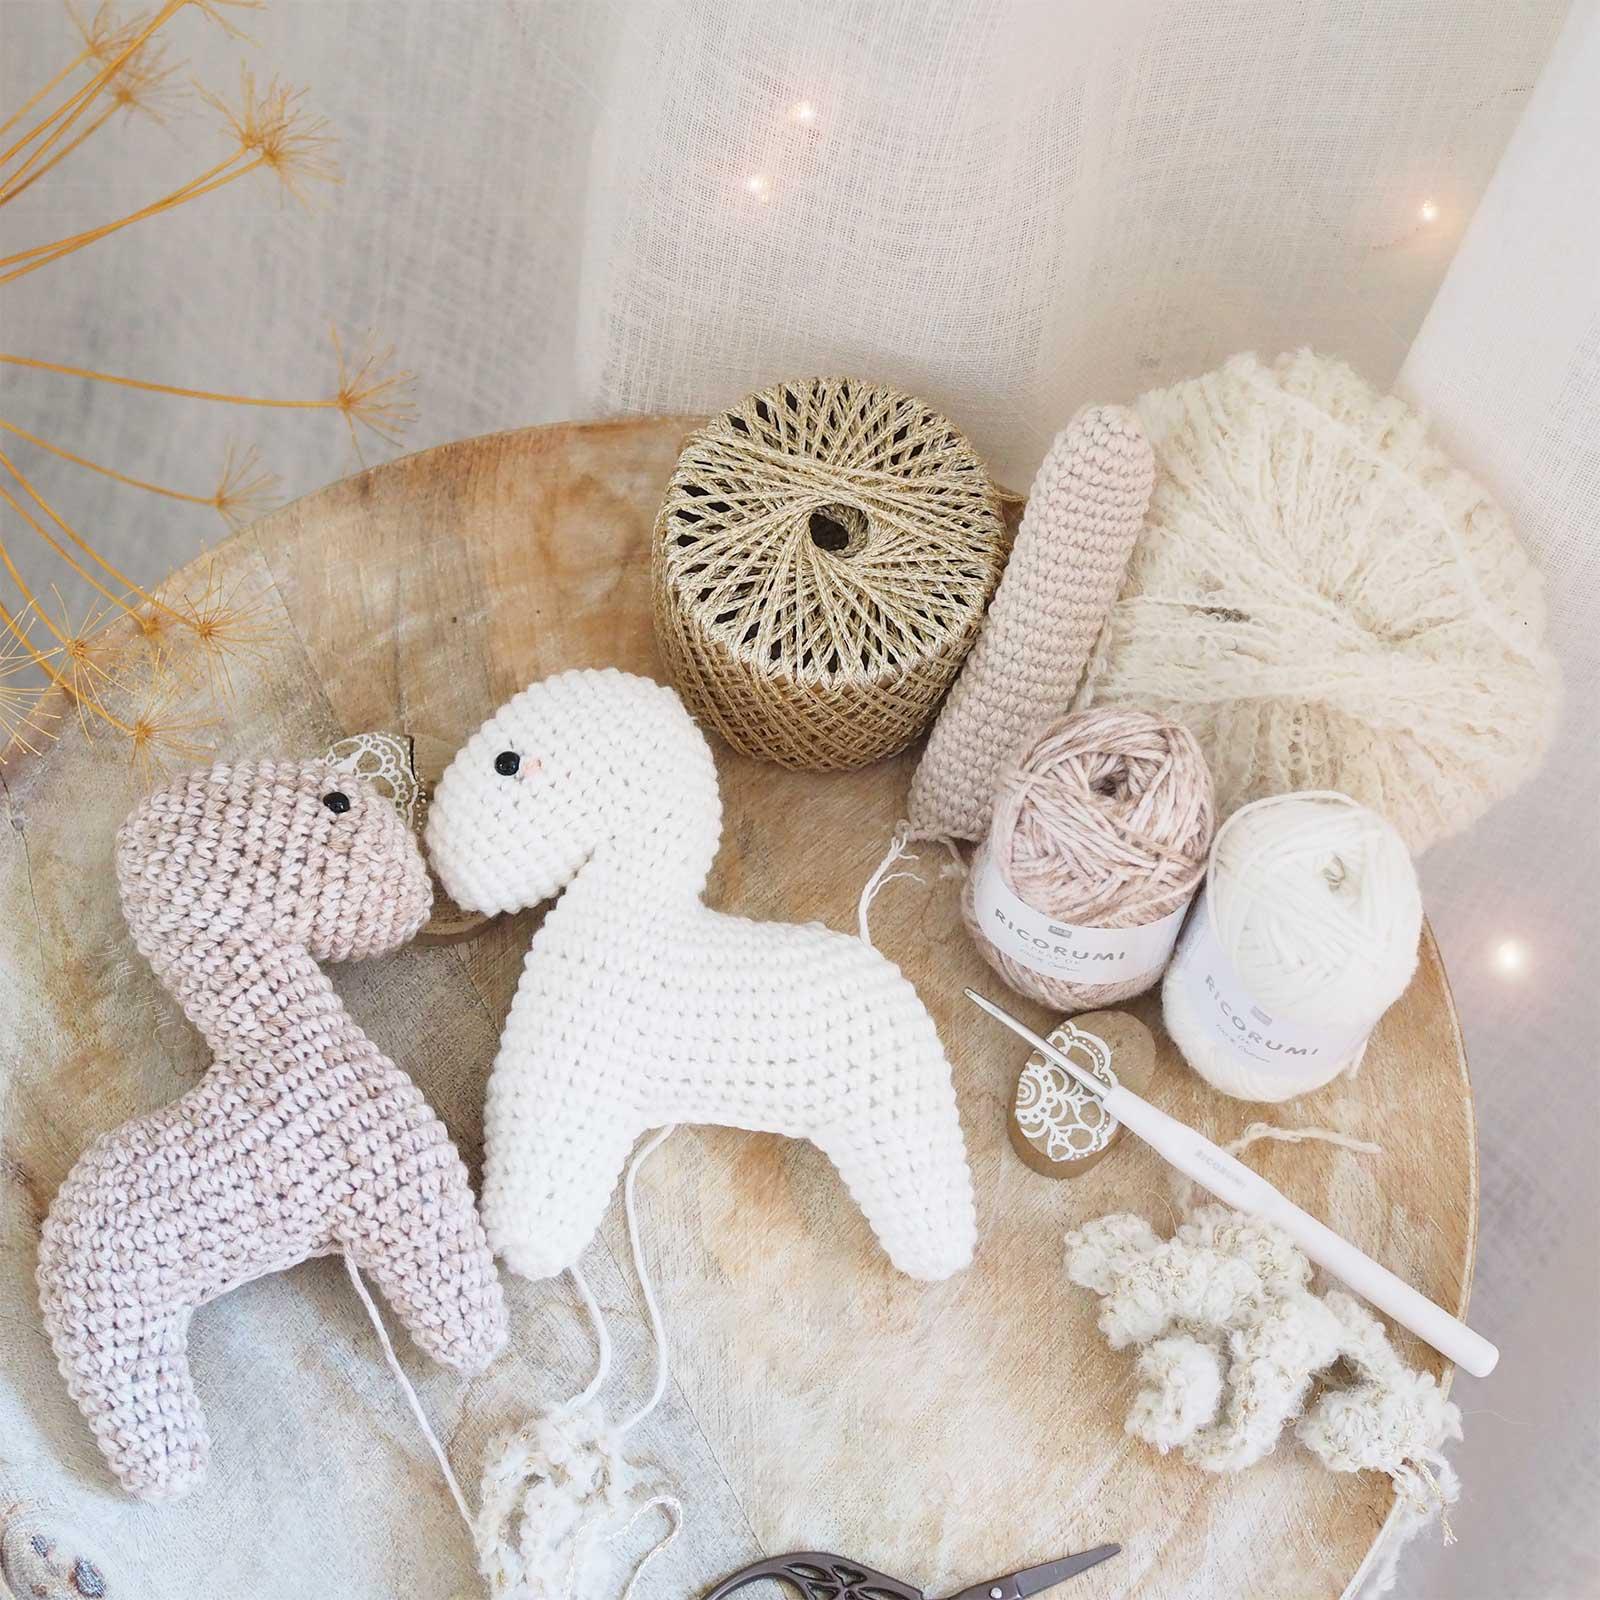 encours-noel-cheval-renne-crochet-ricorumi-coton-laboutiquedemelimelo